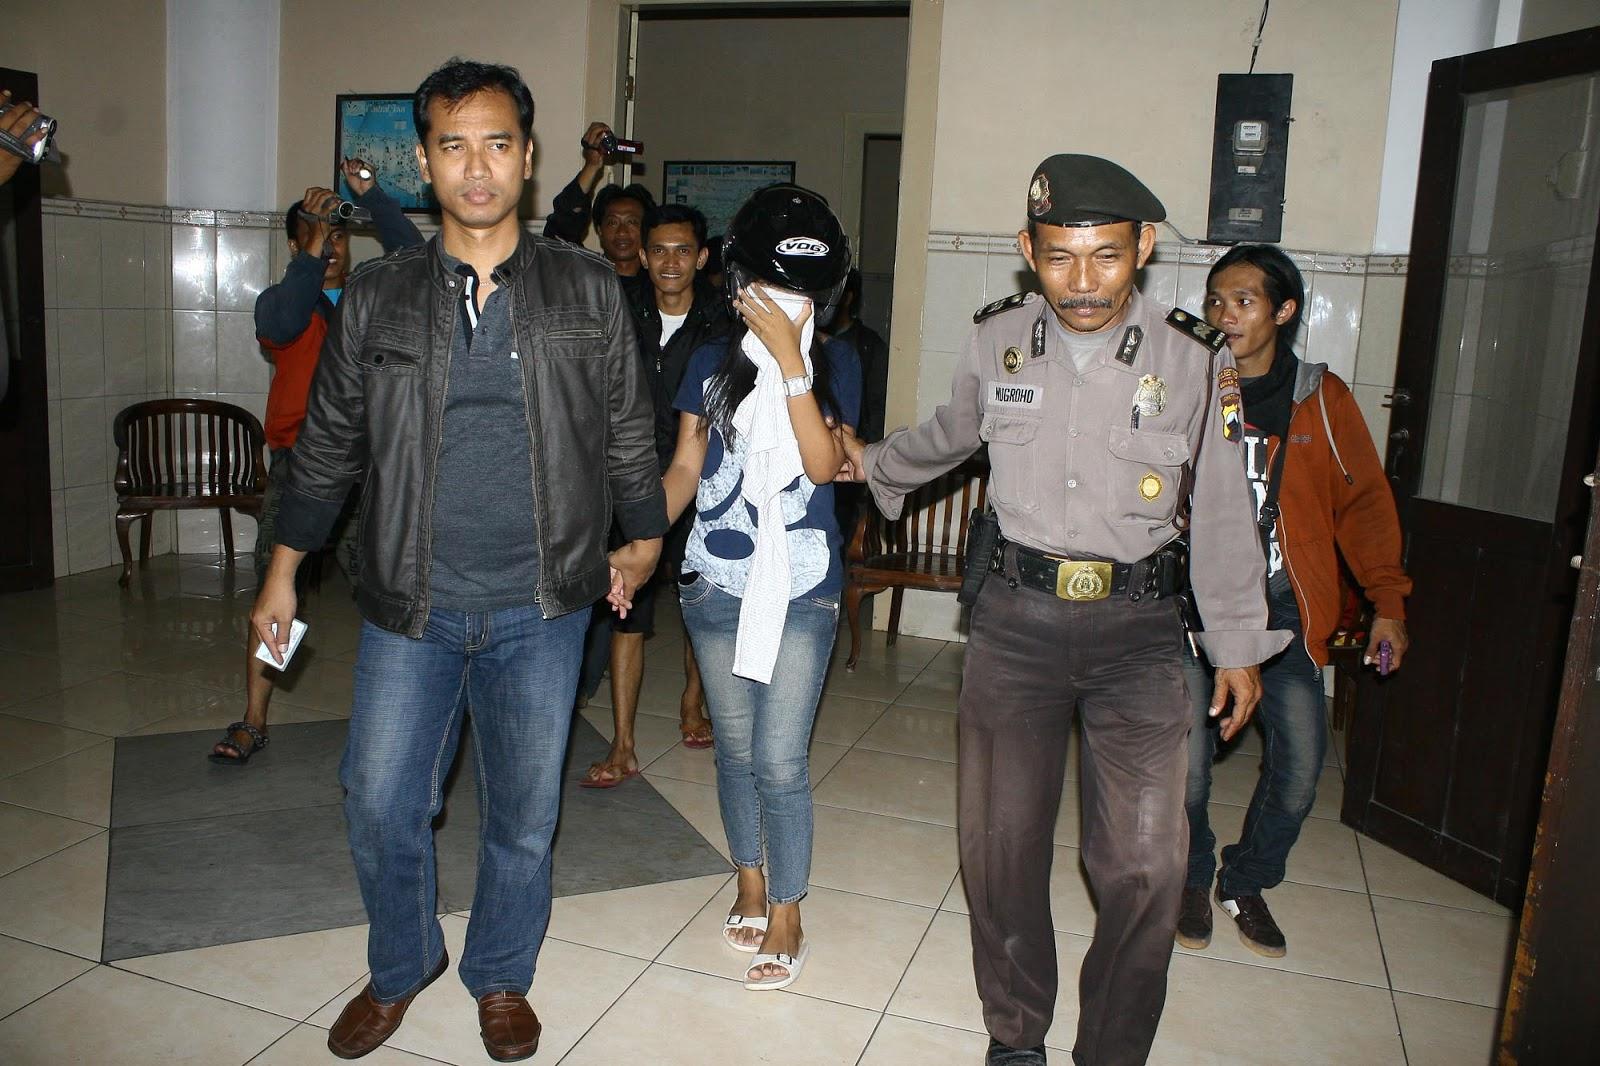 Sebanyak Tiga Pasangan Kumpul Kebo Terjaring Razia Pekat Yang Digelar Oleh Tim Gabungan Polsek Semarang Utara Dan Koramil 0733 Minggu 30 1